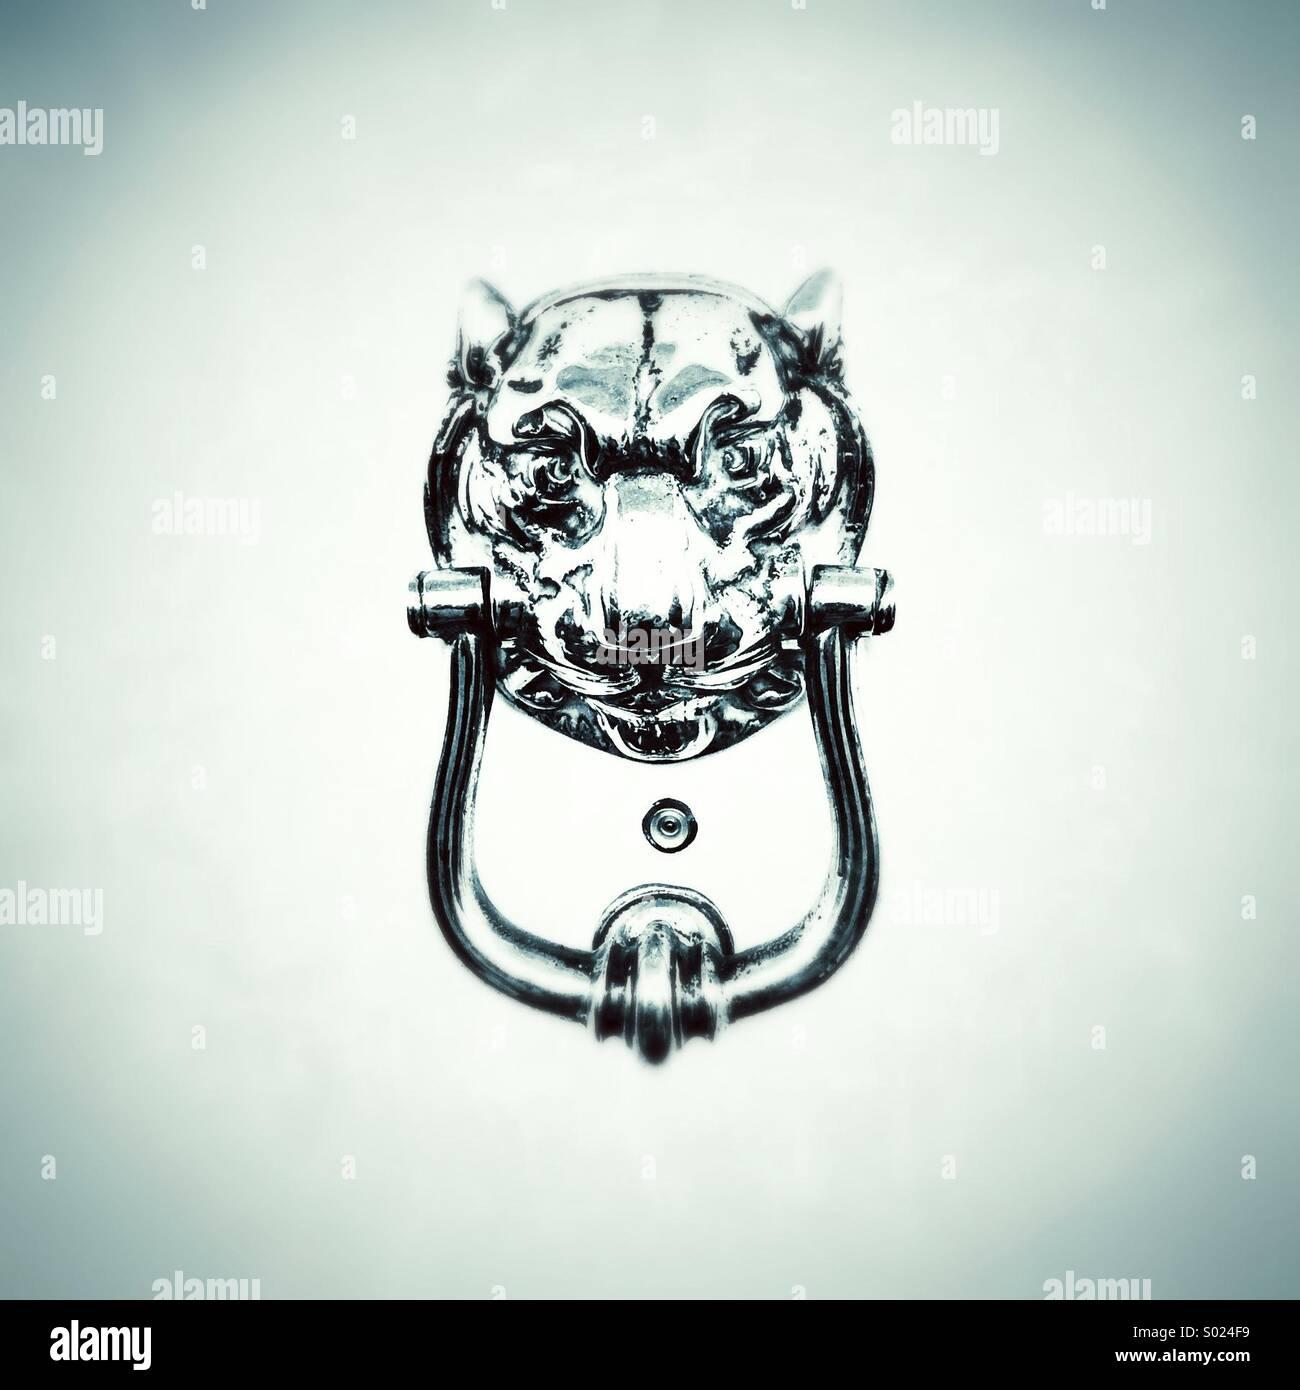 Lions Head knocker sur porte blanche Photo Stock